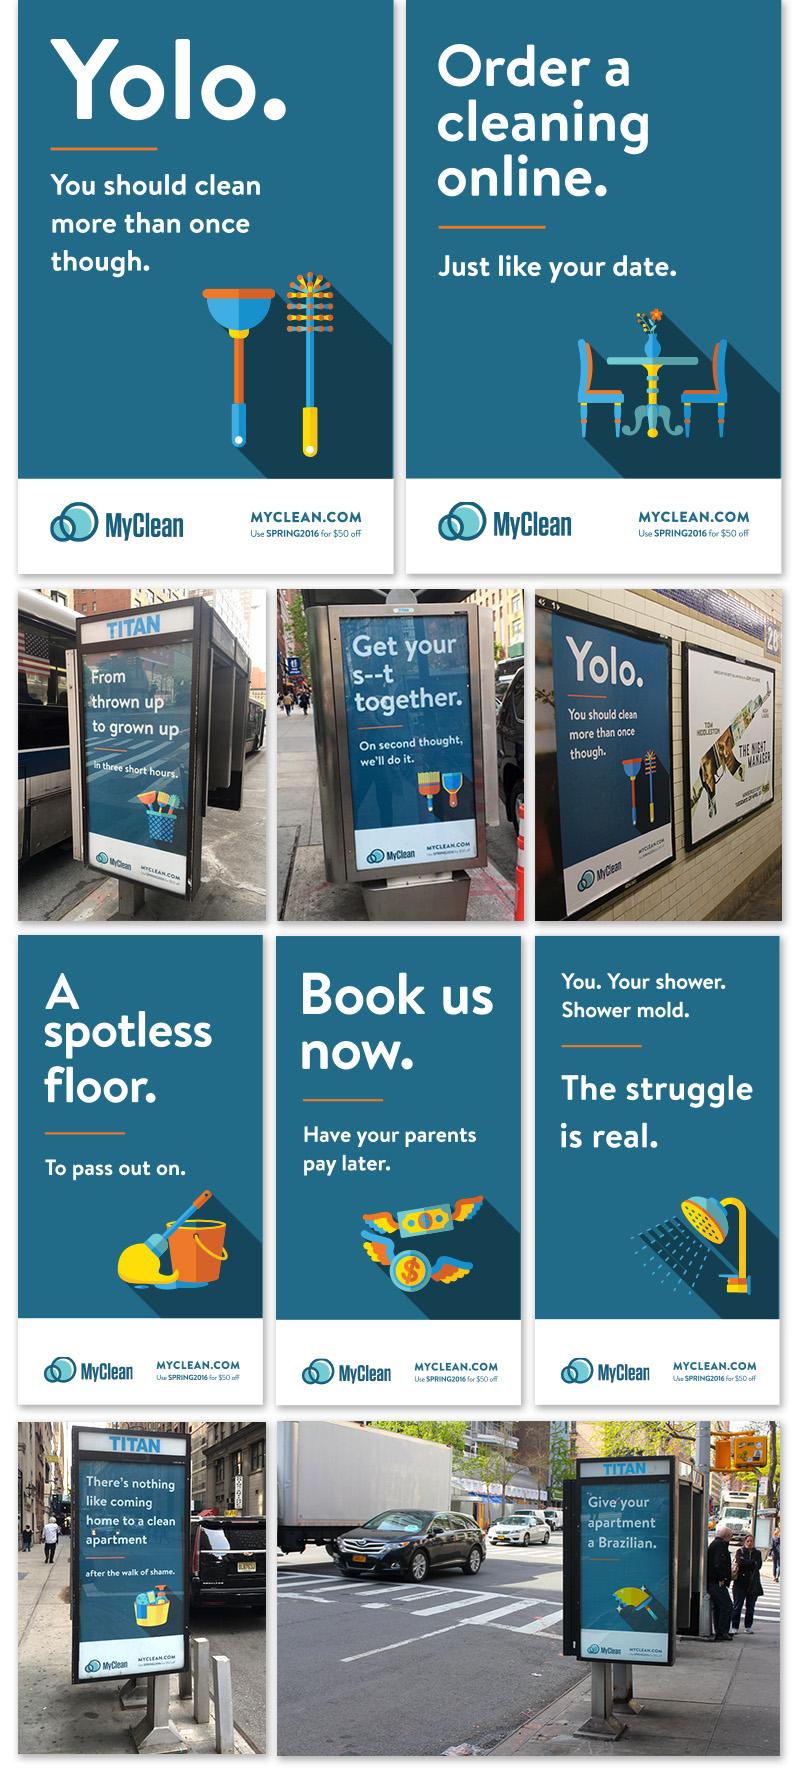 myclean-campaign